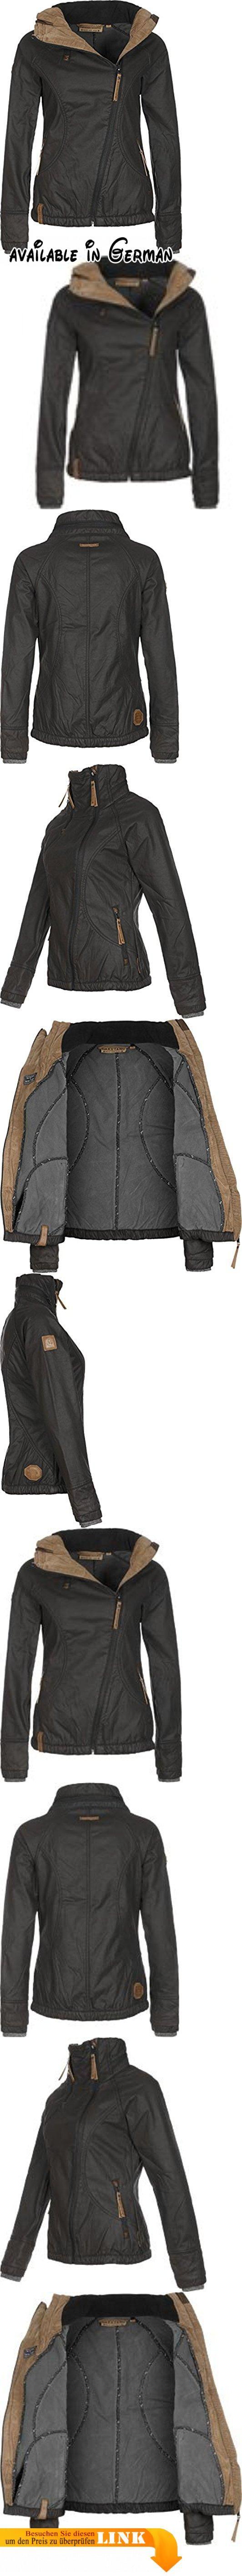 Naketano Damen Jacke schwarz (15) 38. Material: Obermaterial: 42% Baumwolle, 40% Polyester, 18% Polyamid Futter 1: 100% Polyester Futter 2: 100% Baumwolle. Teile tierischen Ursprungs: Nein #Apparel #OUTERWEAR